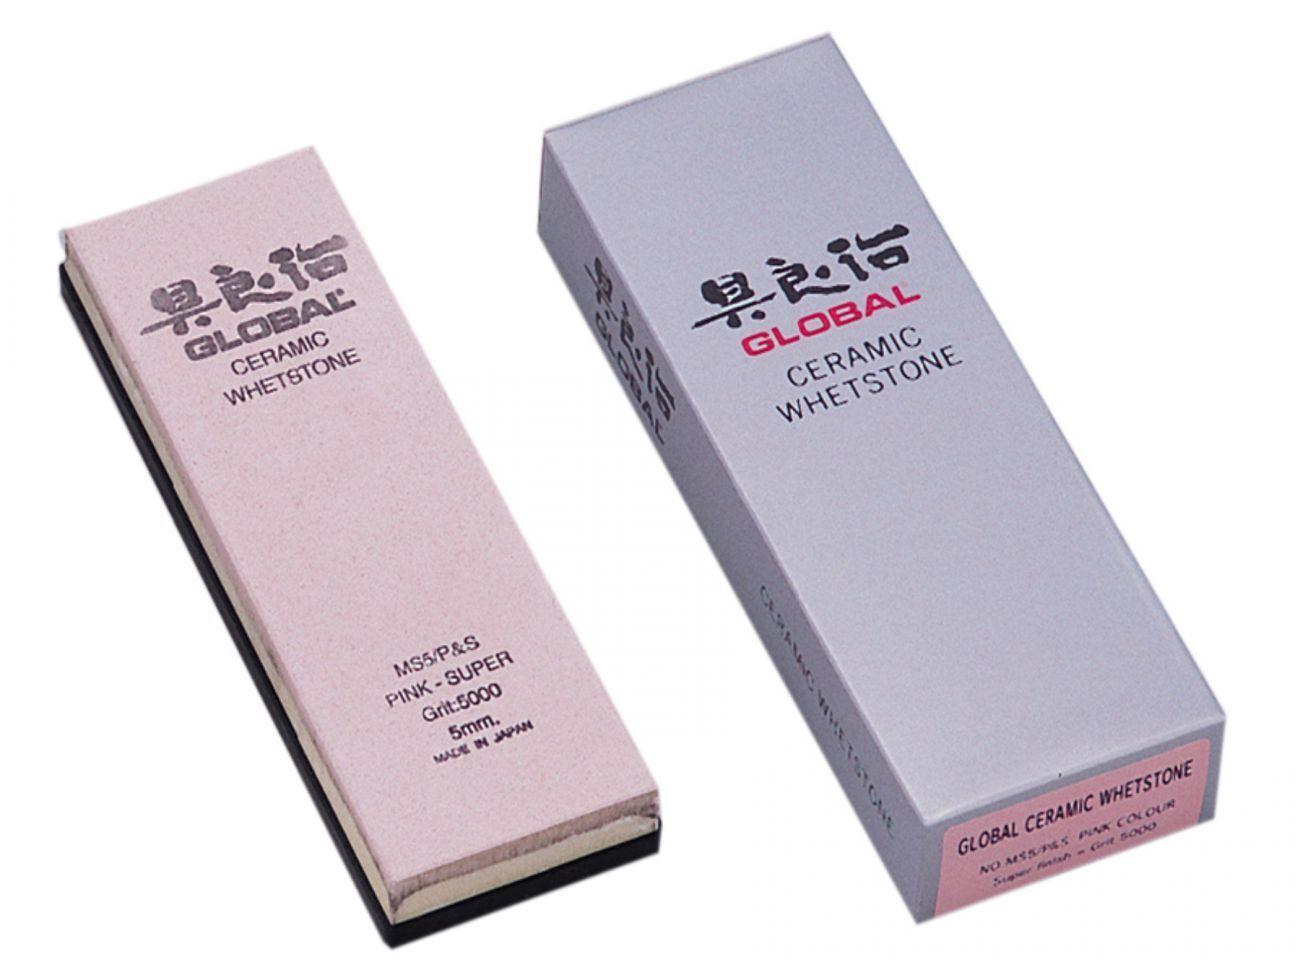 Global ms5 p&s Pierre à aiguiser finement rose Grain 5000 céramique